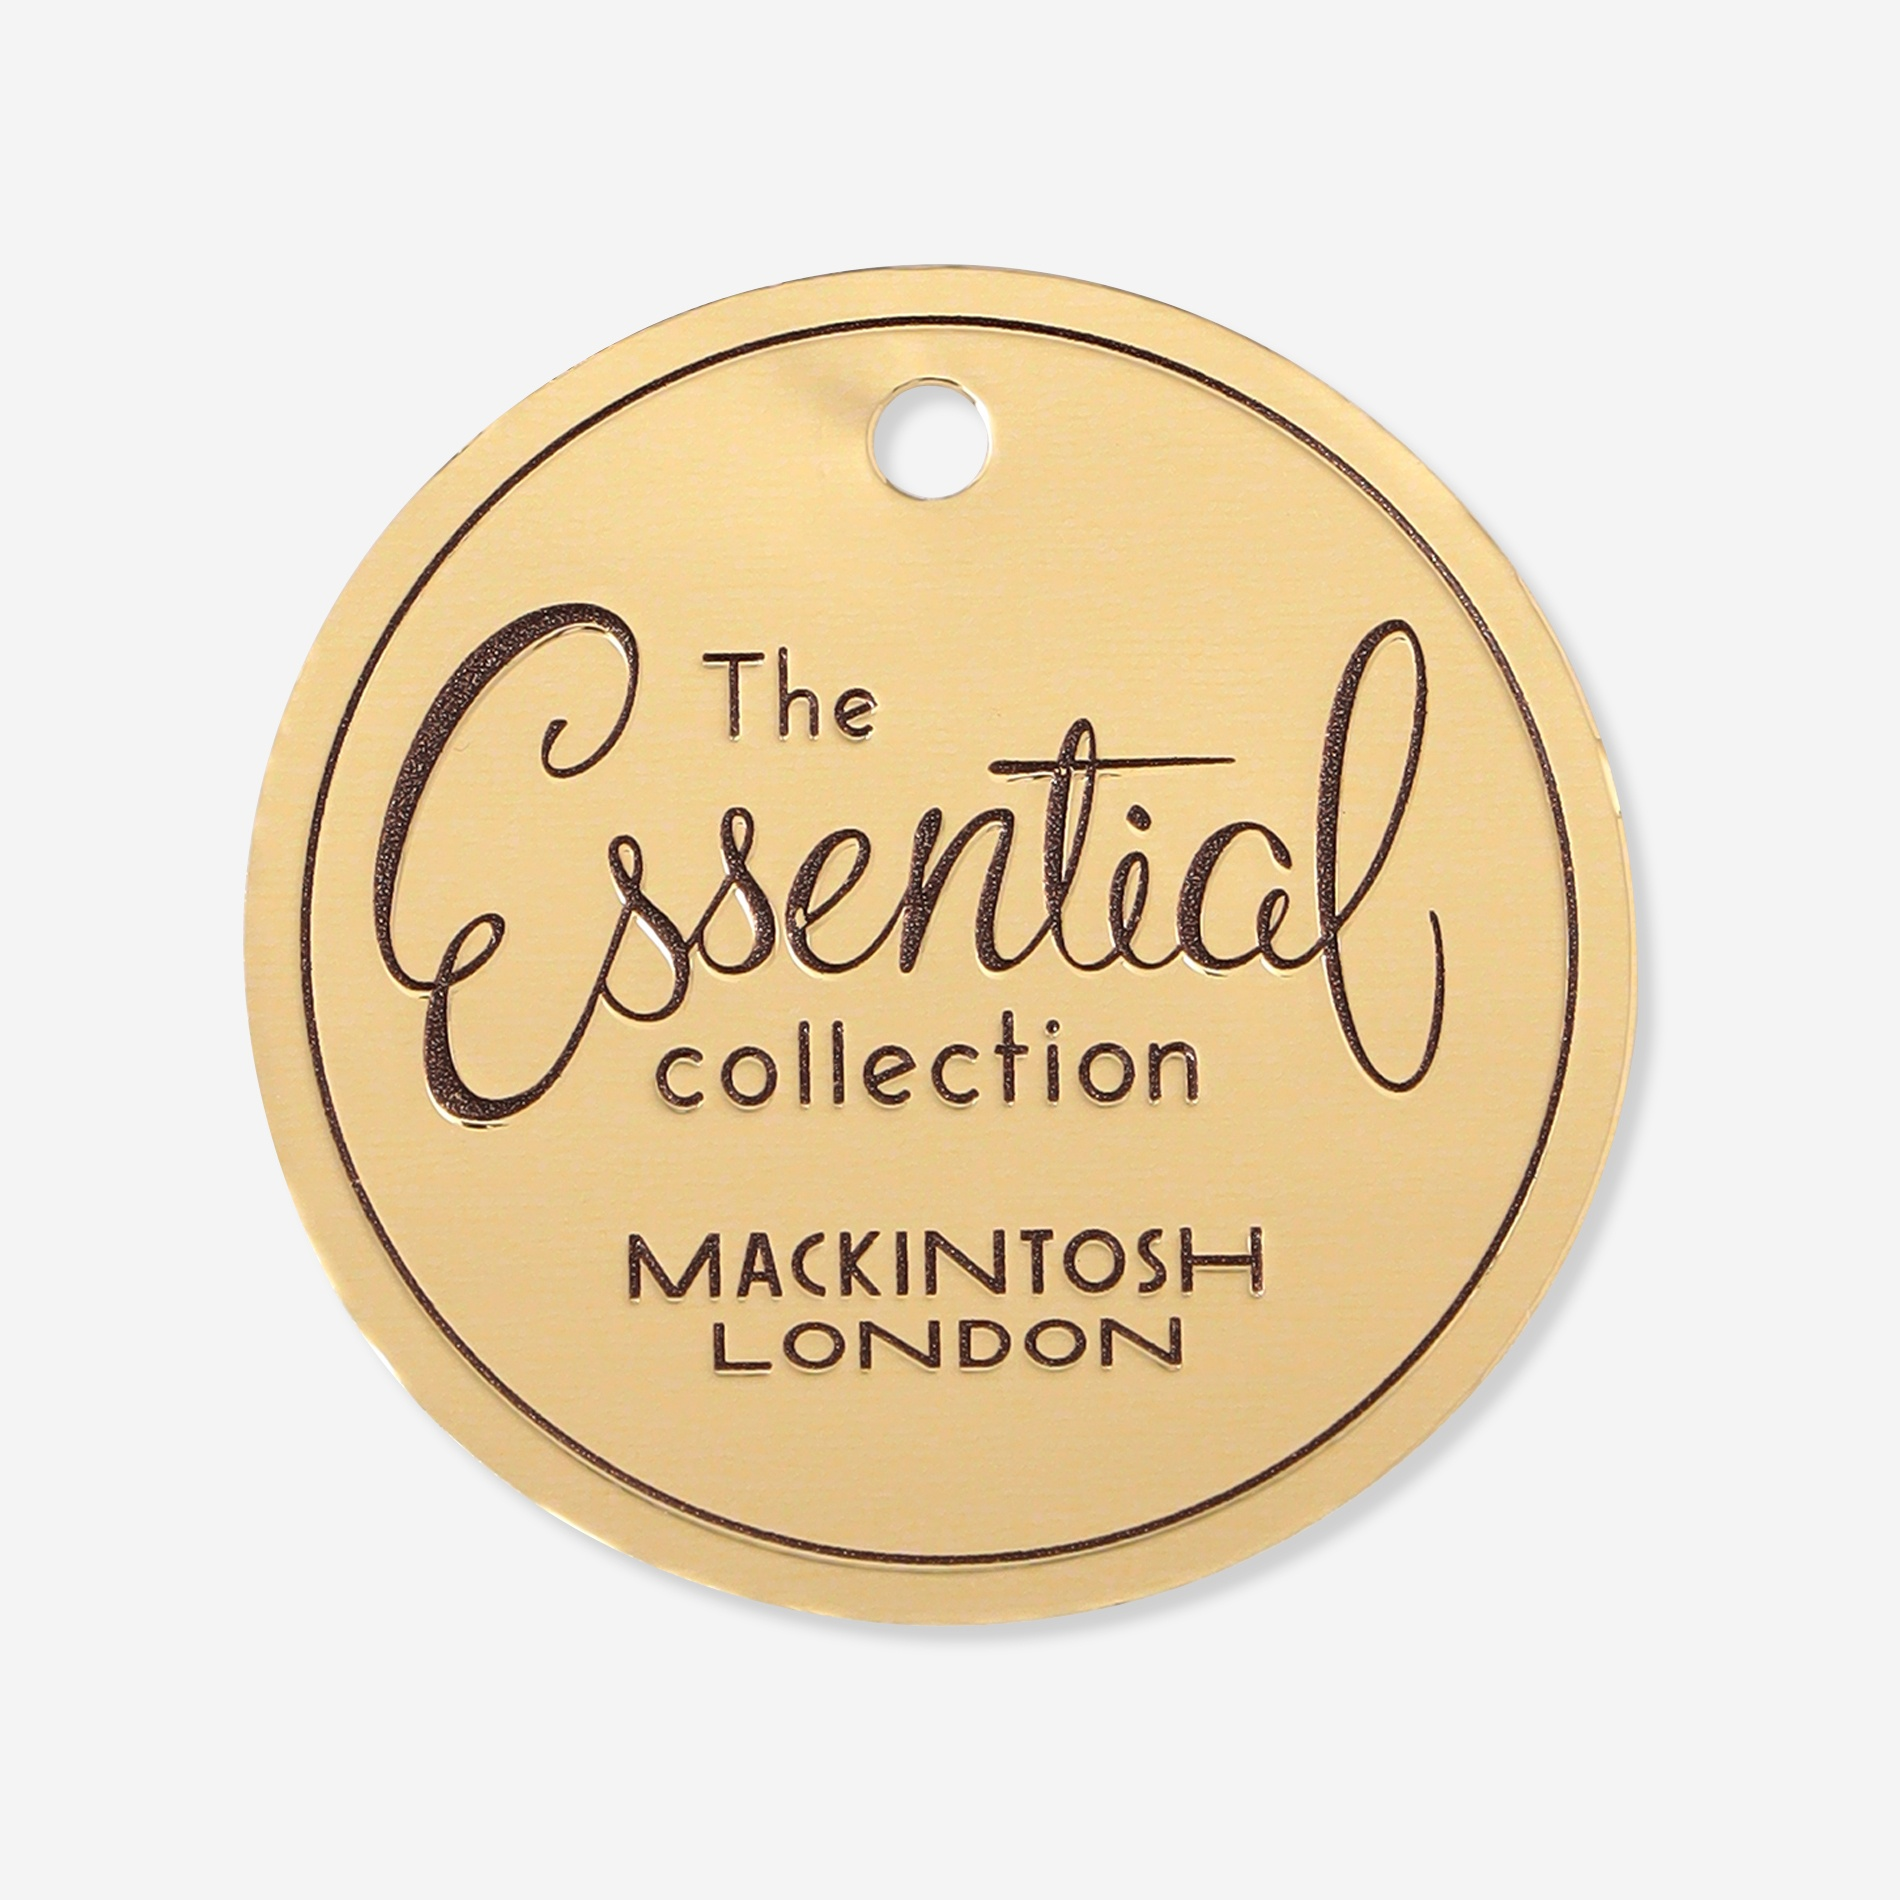 【The Essential Collection】スーパーエアリーフレアニットカーディガン